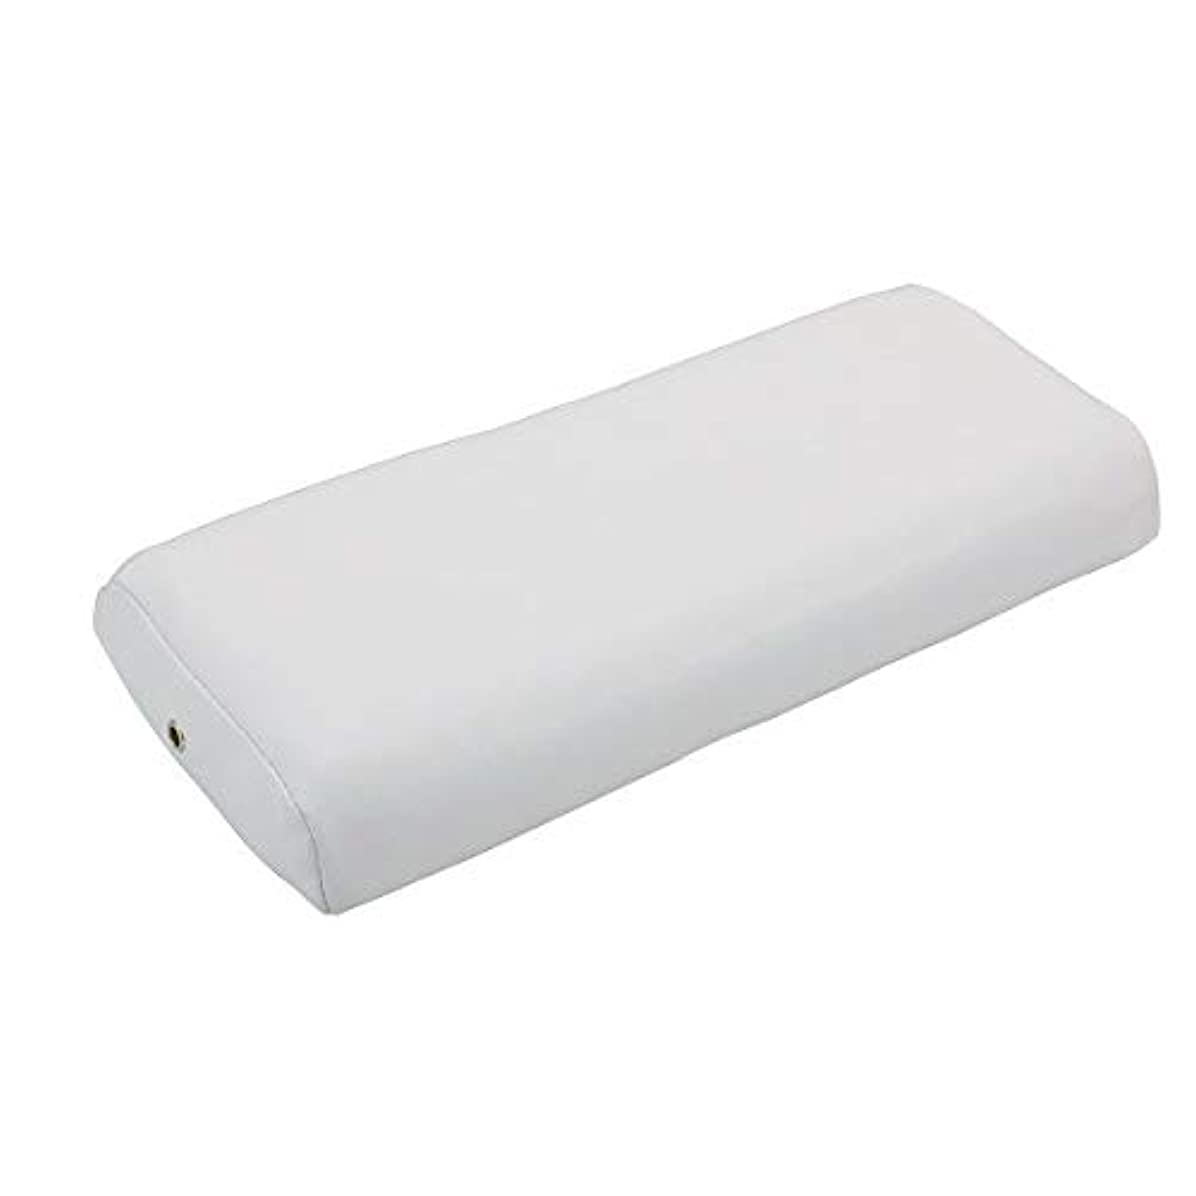 お香パニックドライNEOかどまる枕 FV-921 【 ホワイト 】 フェイスまくら フェイス枕 うつぶせ枕 マッサージ枕